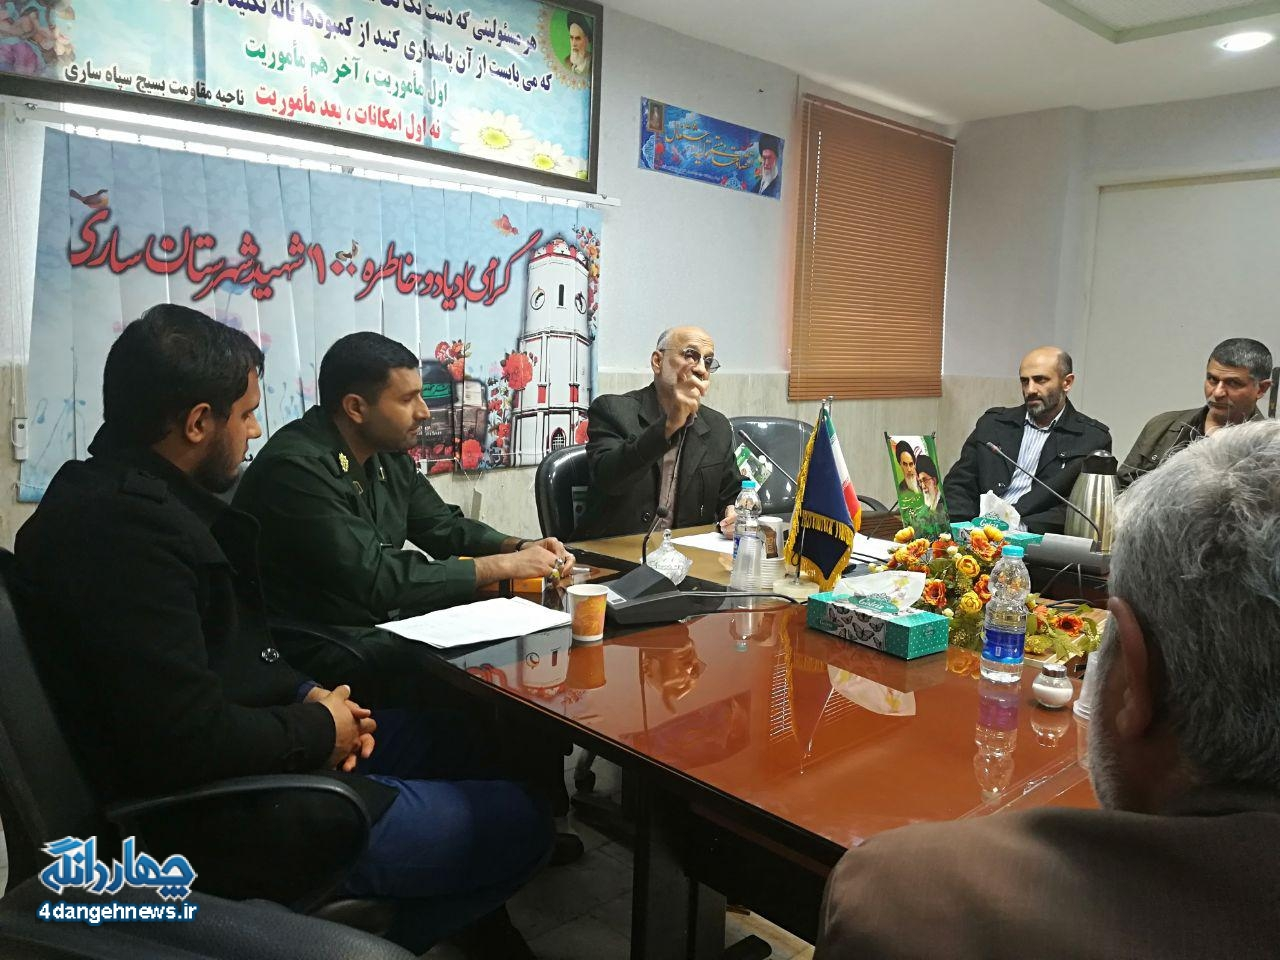 جلسه توجیهی امر به معروف و نهی از منکر سپاه چهاردانگه برگزار شد + تصاویر